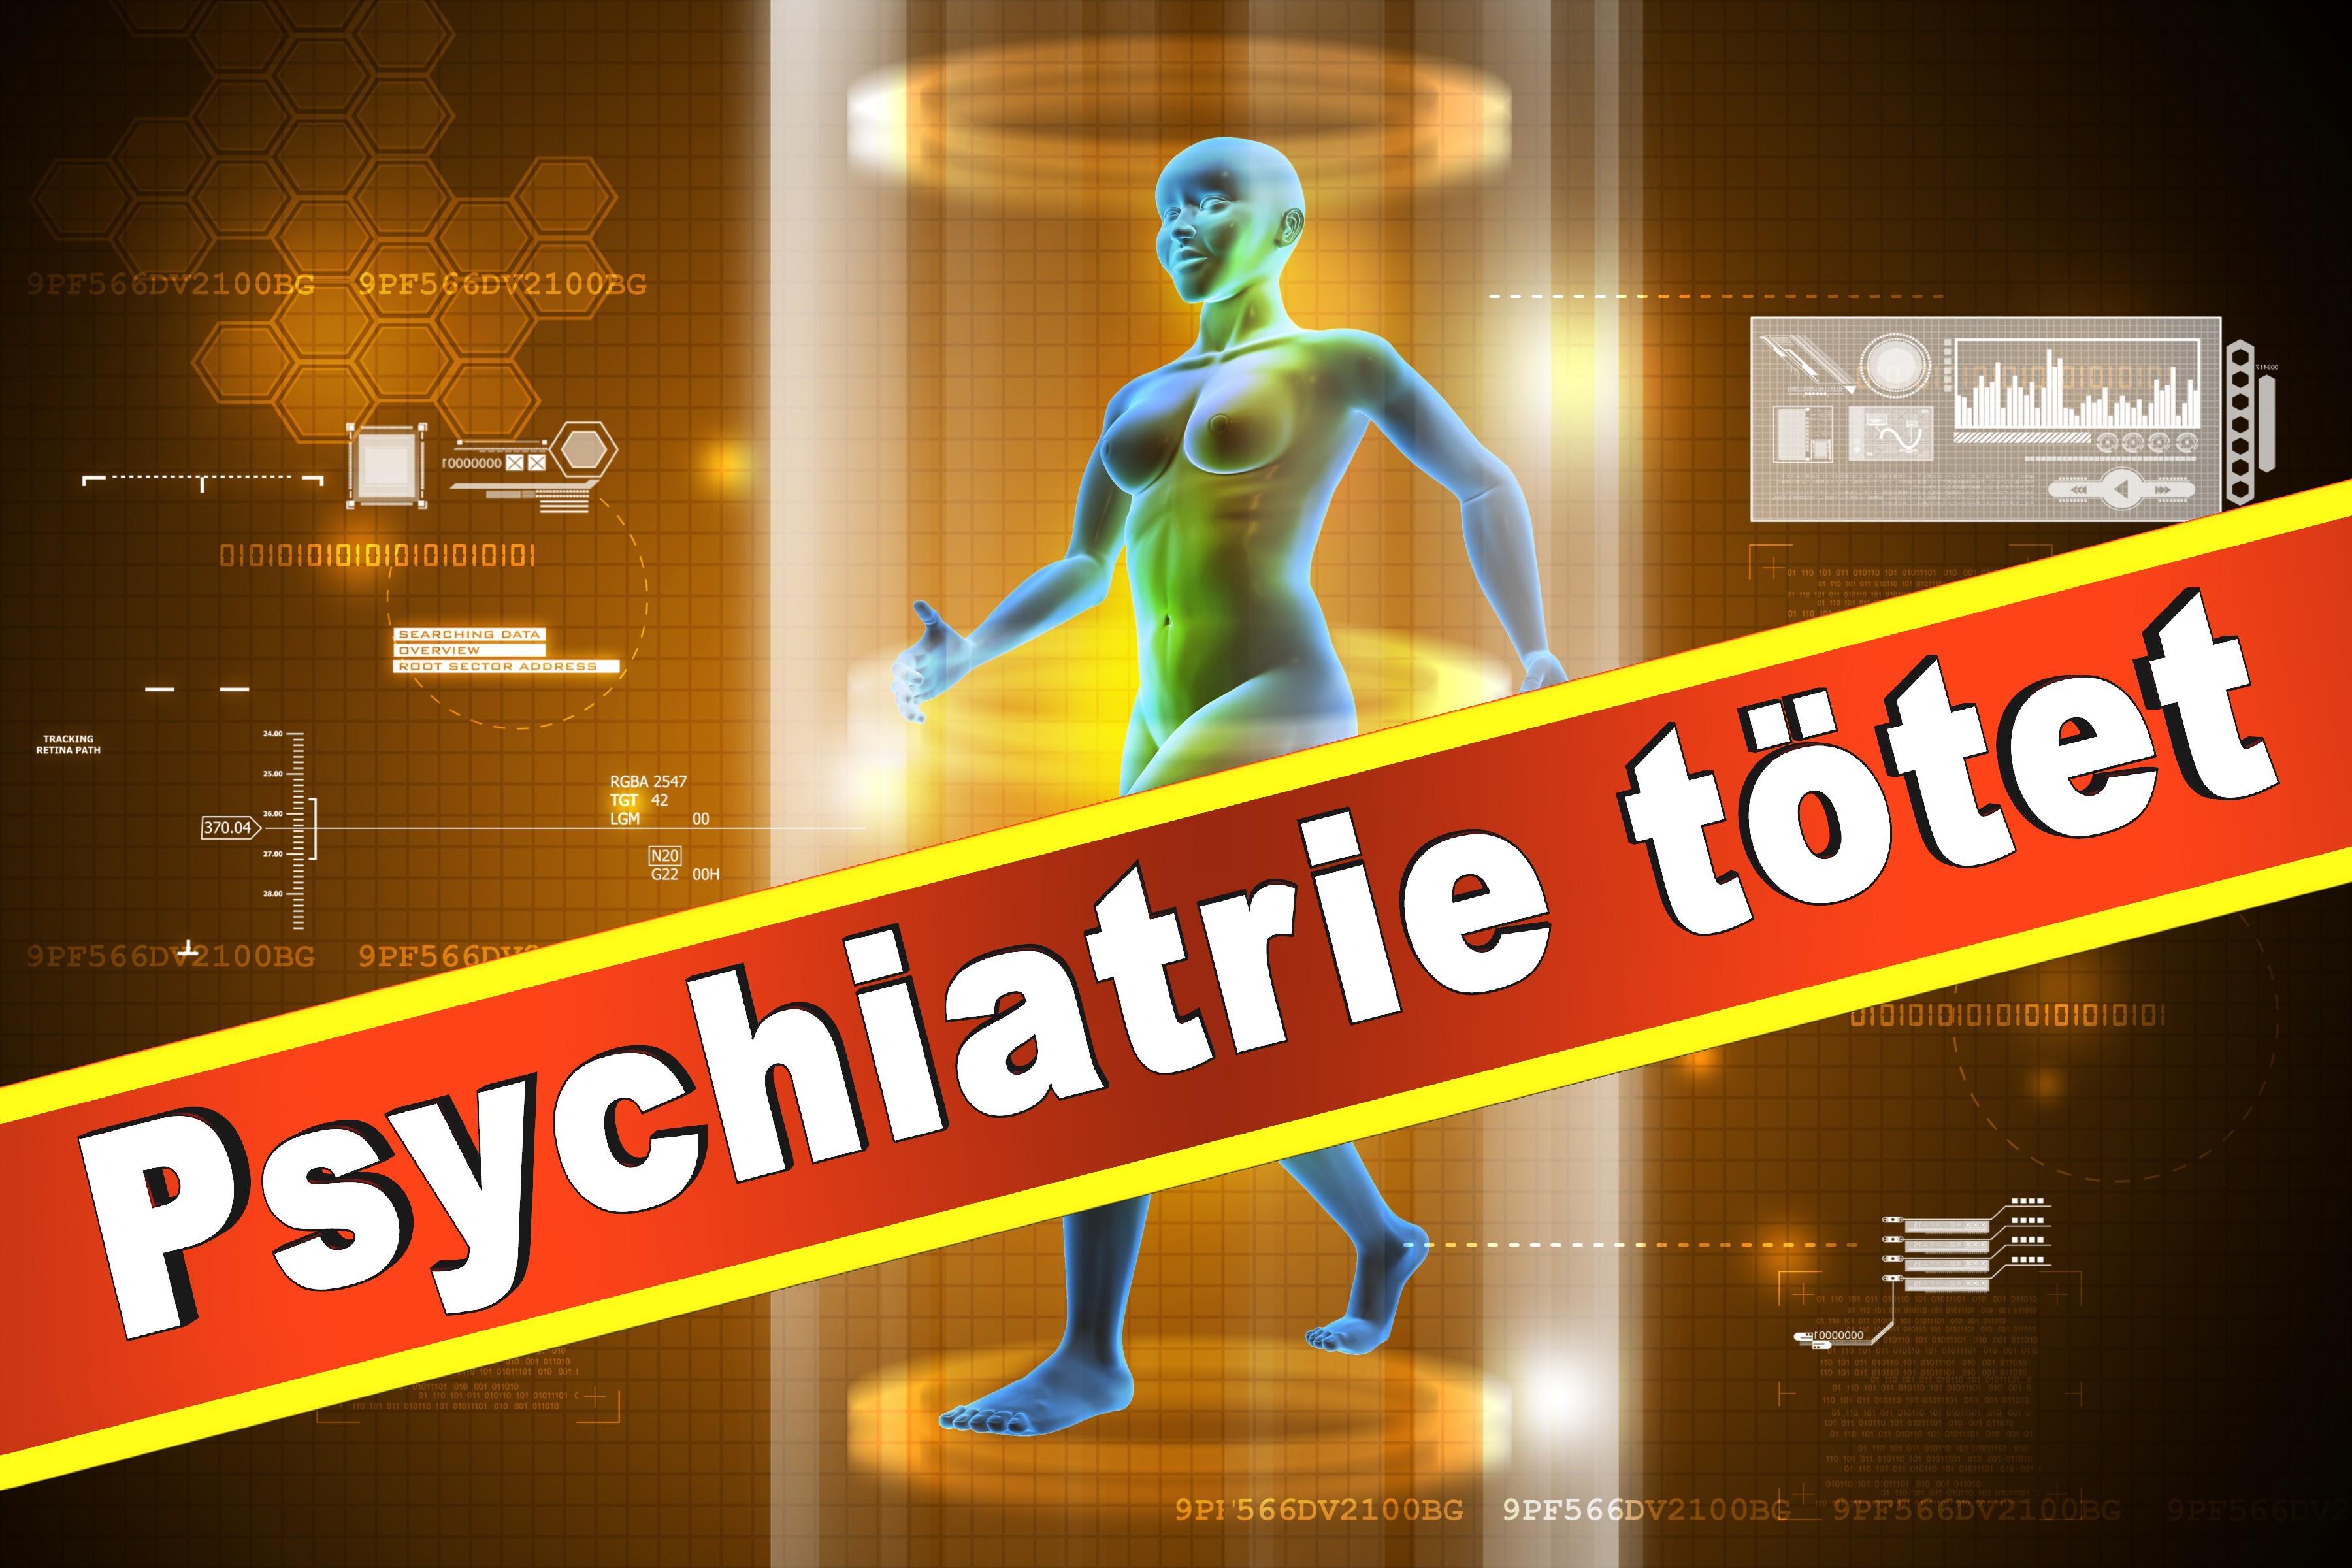 Wielant Machleidt Psychiater Psychotherapeut Professor Praxis Der Interkulturellen Psychiatrie Und Psychotherapie Medizinische Hochschule Hannover Klinik Für Psychiatrie Sozialpsychiatrie (5)